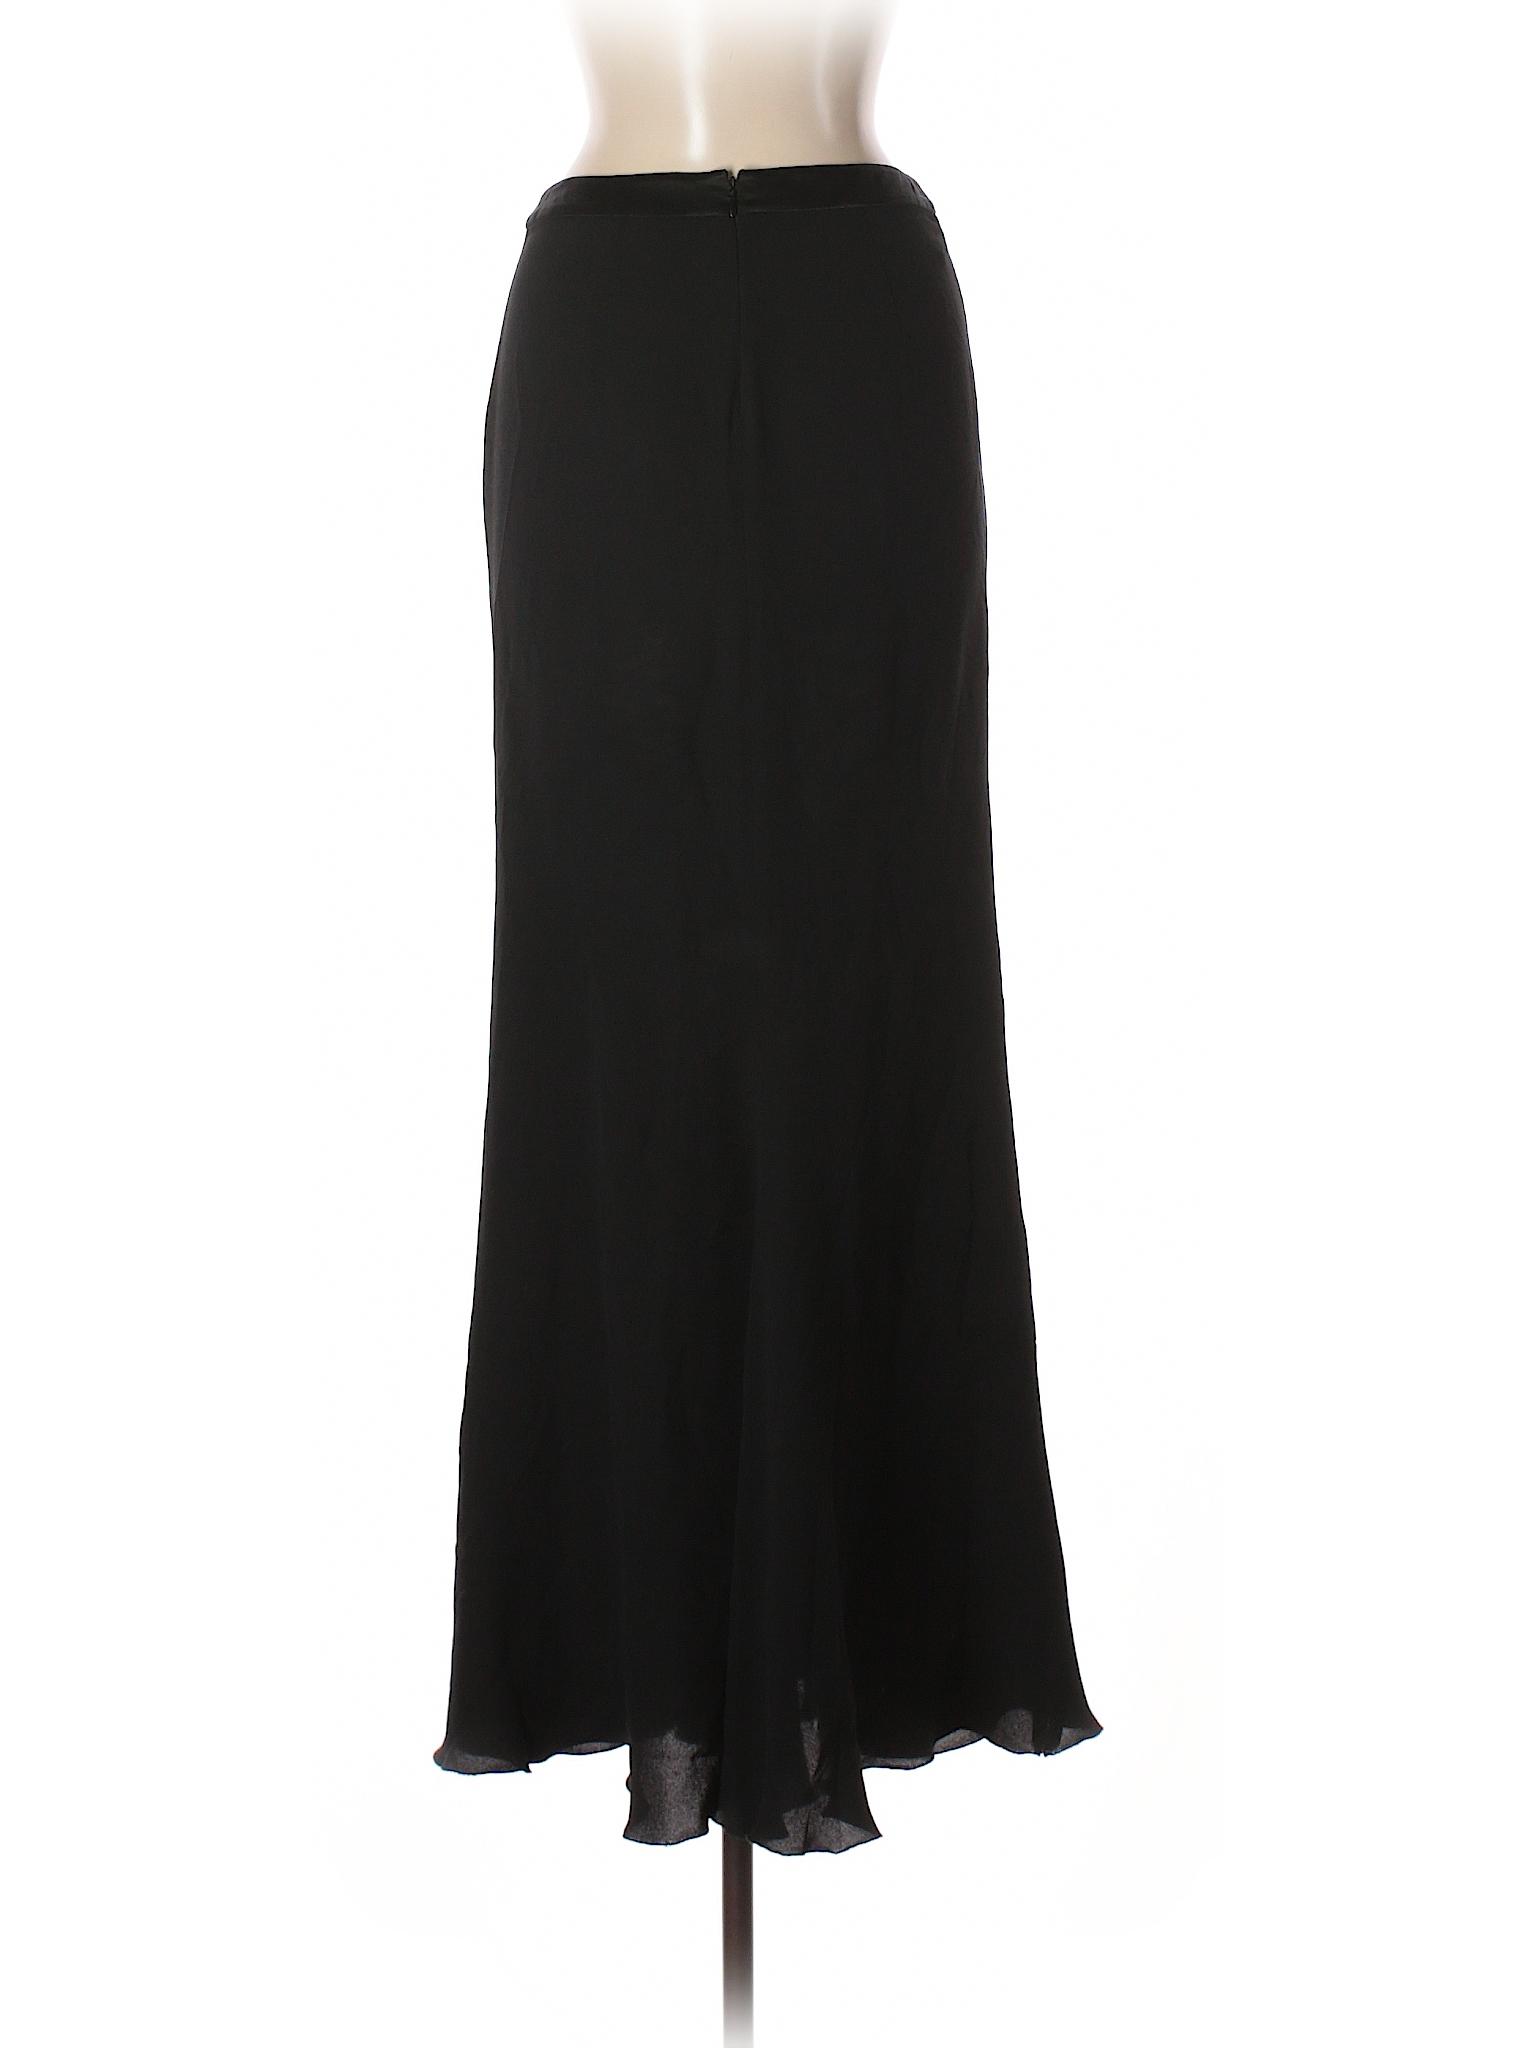 Boutique Skirt Skirt Boutique Silk Skirt Boutique Silk Skirt Silk Boutique Silk Boutique Skirt Silk Silk Boutique xIISrCwqa